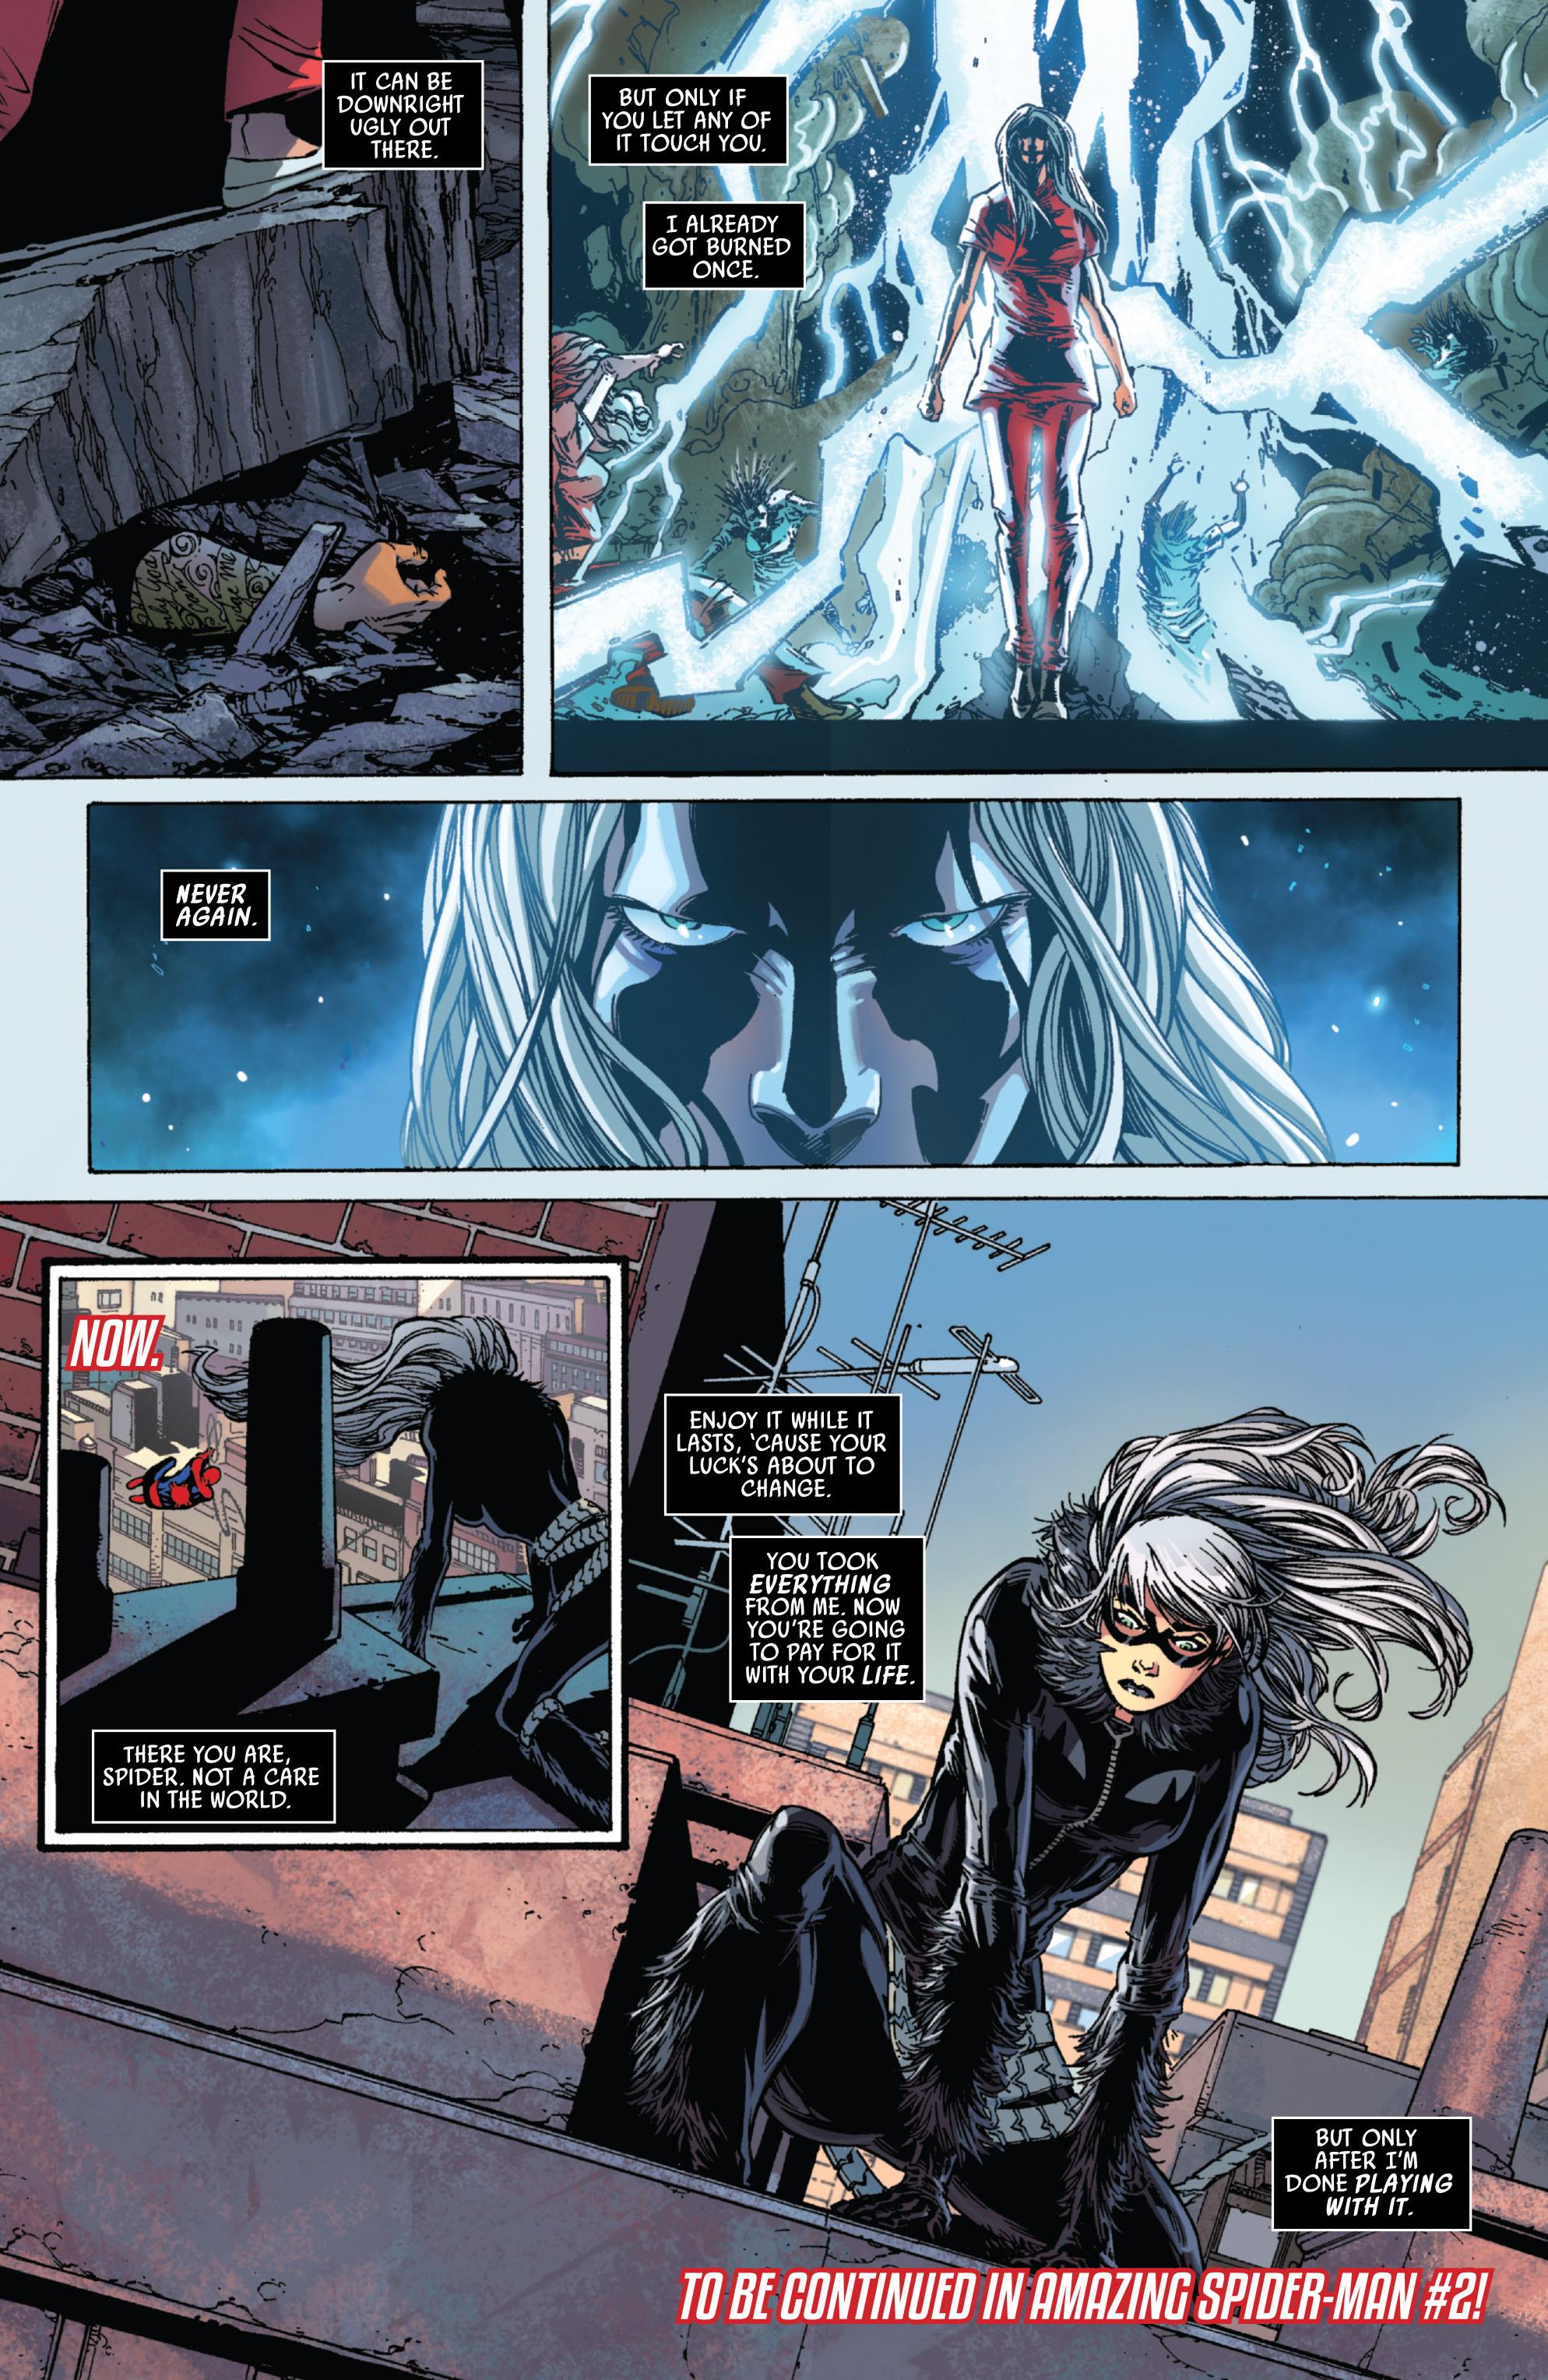 Amazing Spider-Man #1 (2014) Review: Stillanerd's Take ...